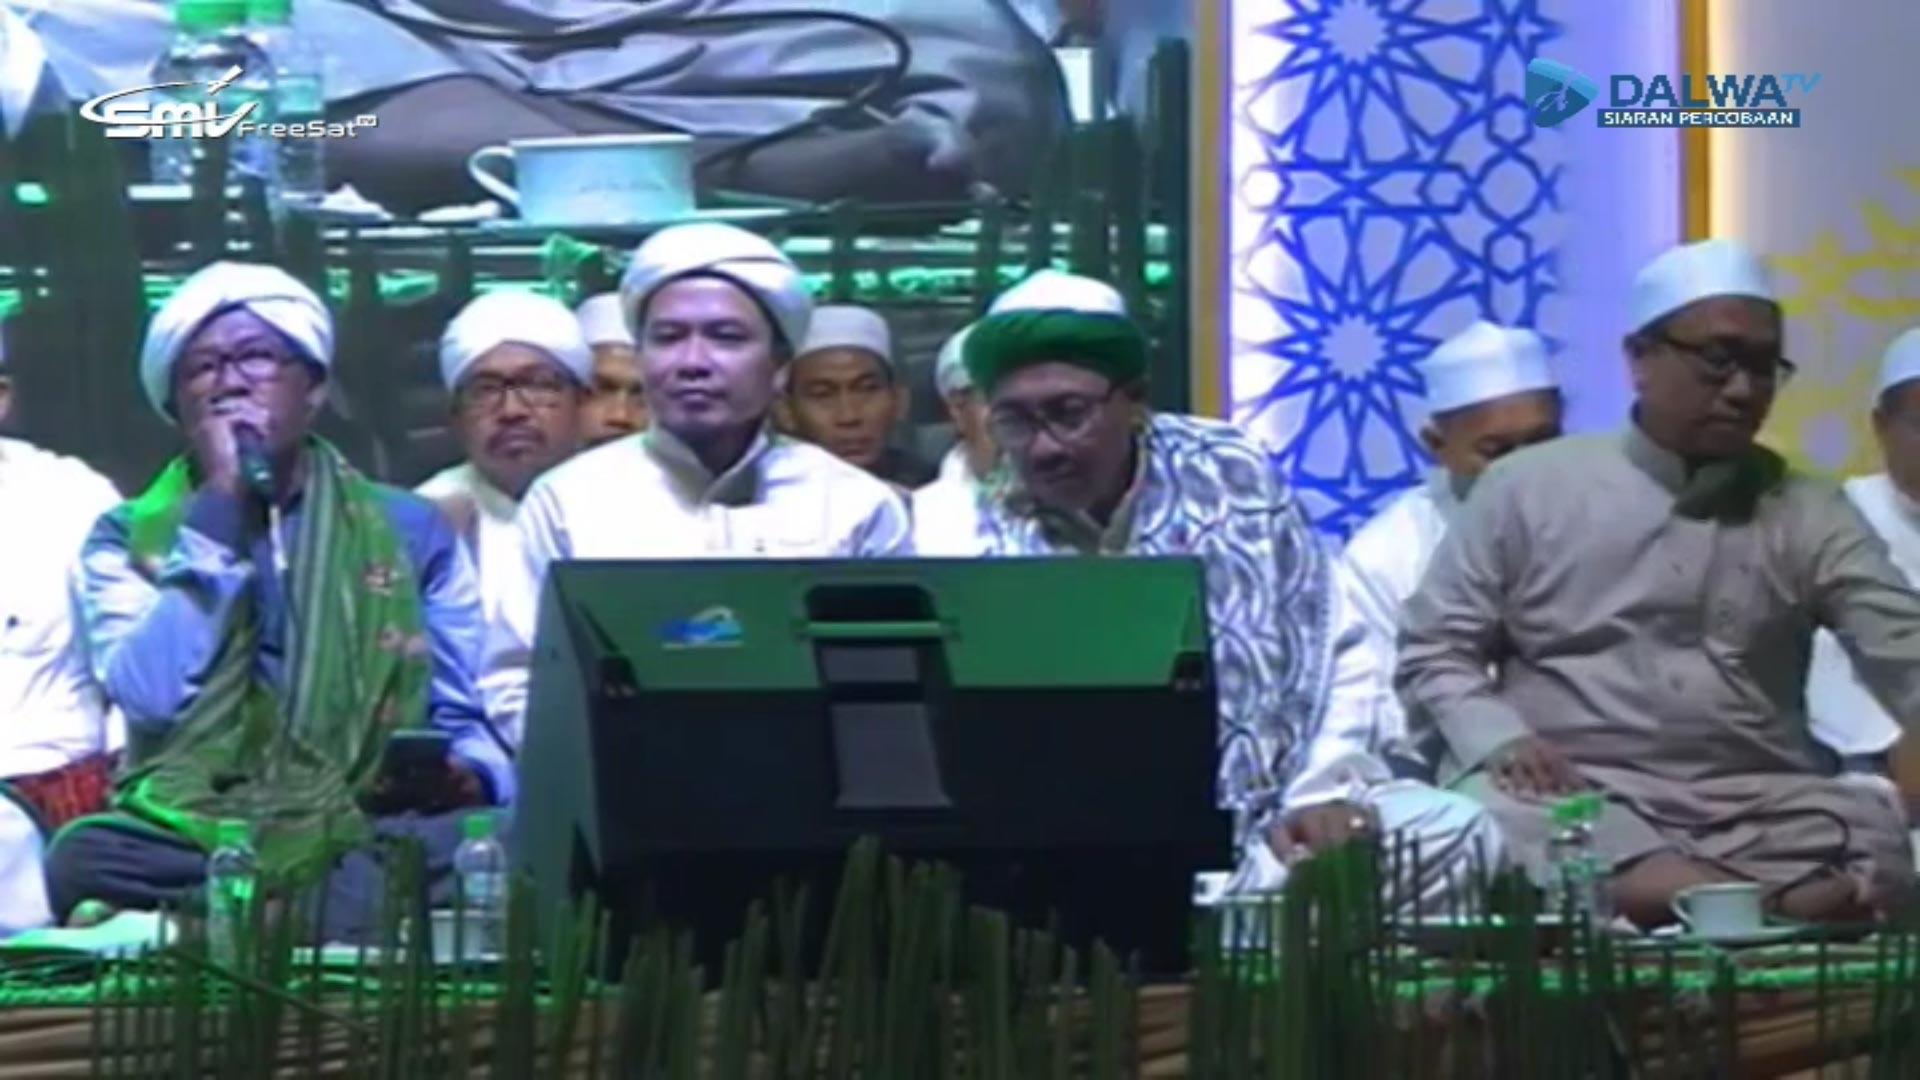 Frekuensi siaran Dalwa TV di satelit ABS 2A Terbaru